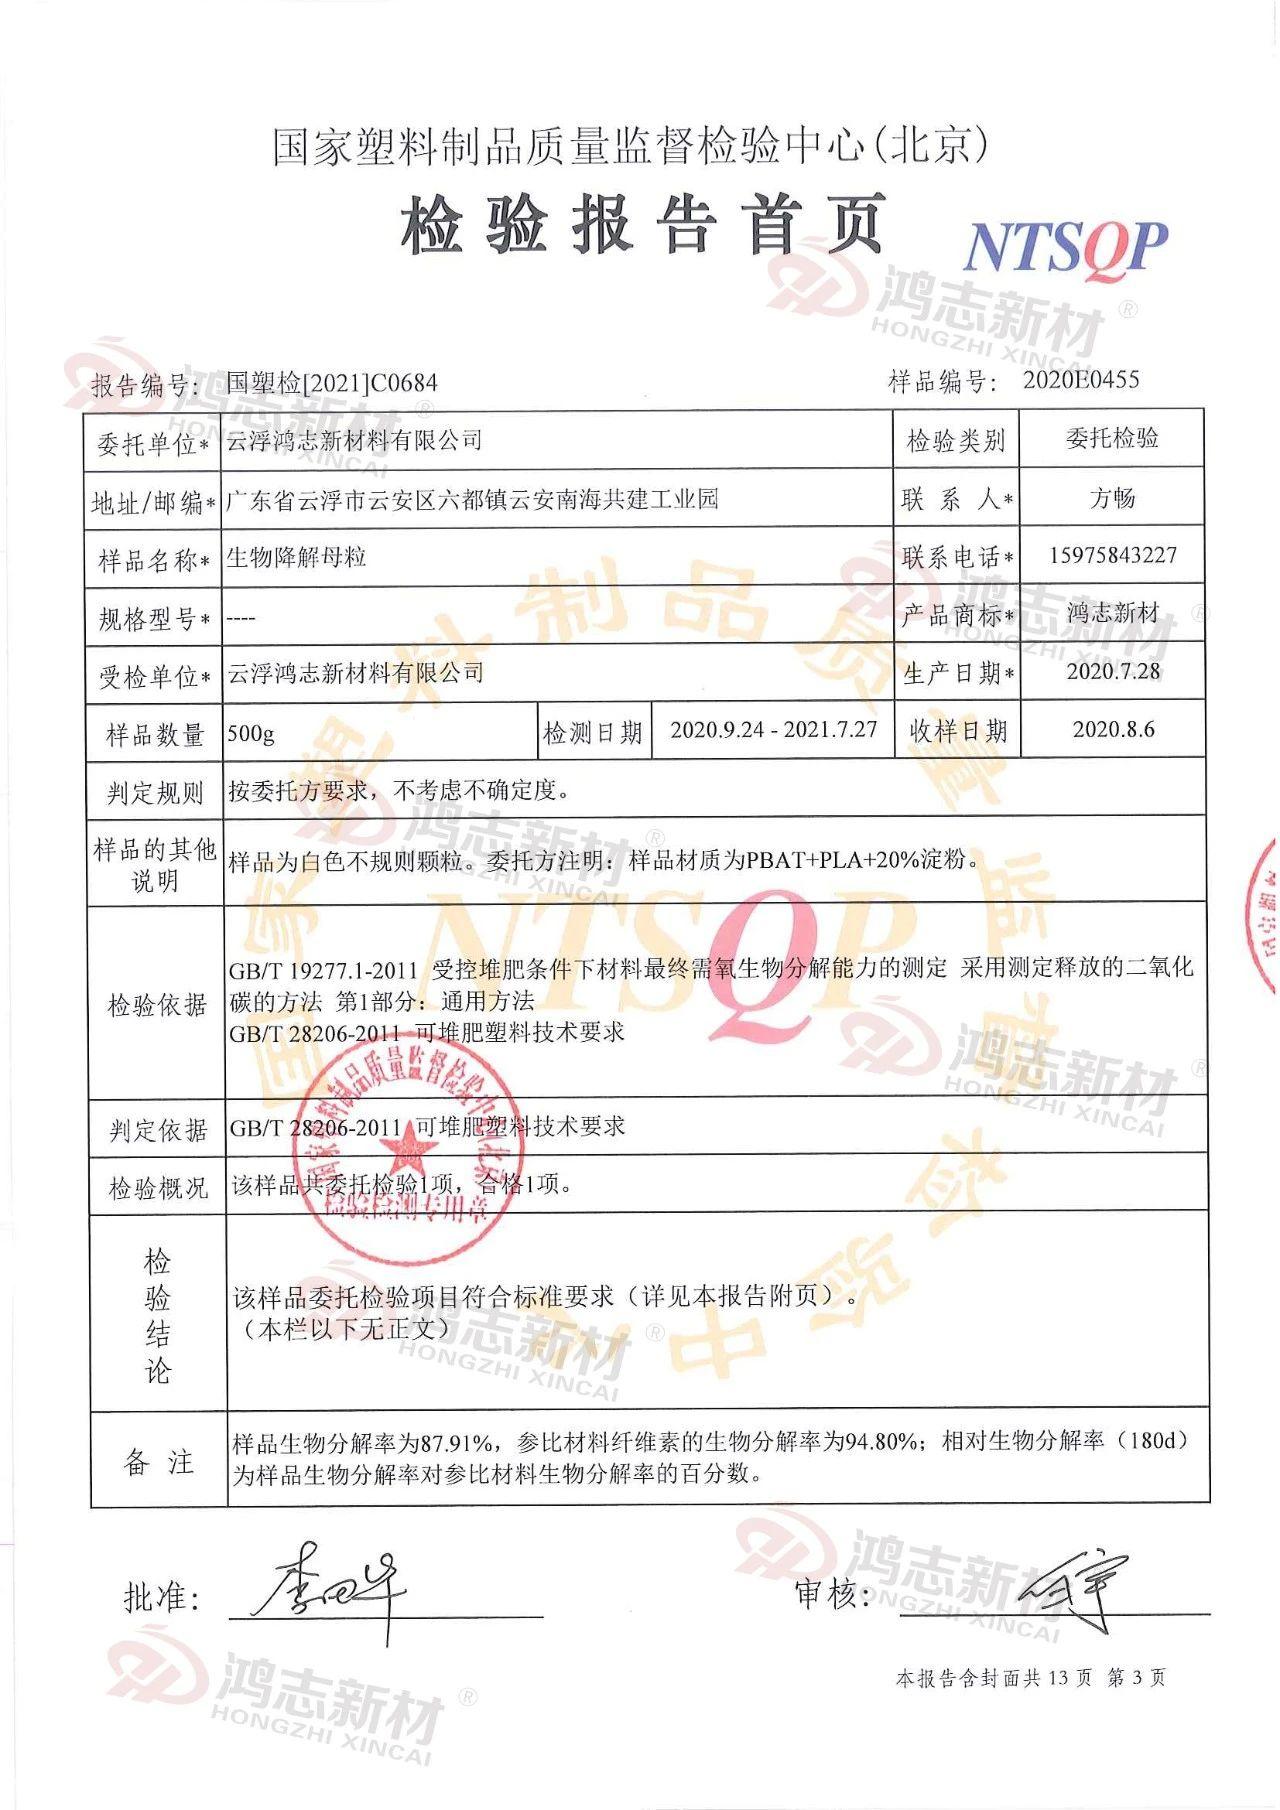 寰俊鍥剧墖_20210809103321.jpg